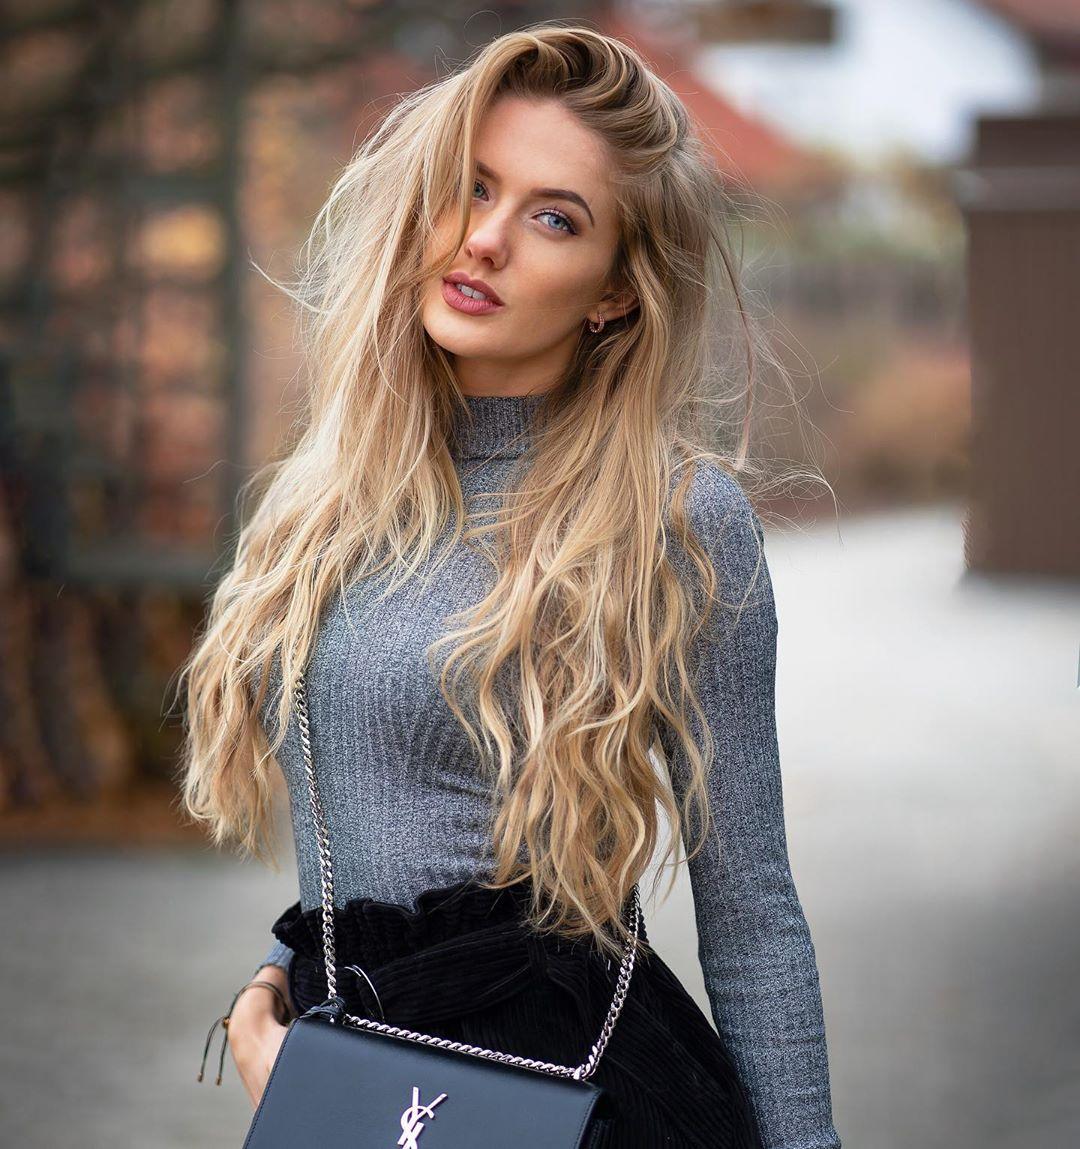 Alica Schmidt - Bio, Age, Height | Fitness Models ...